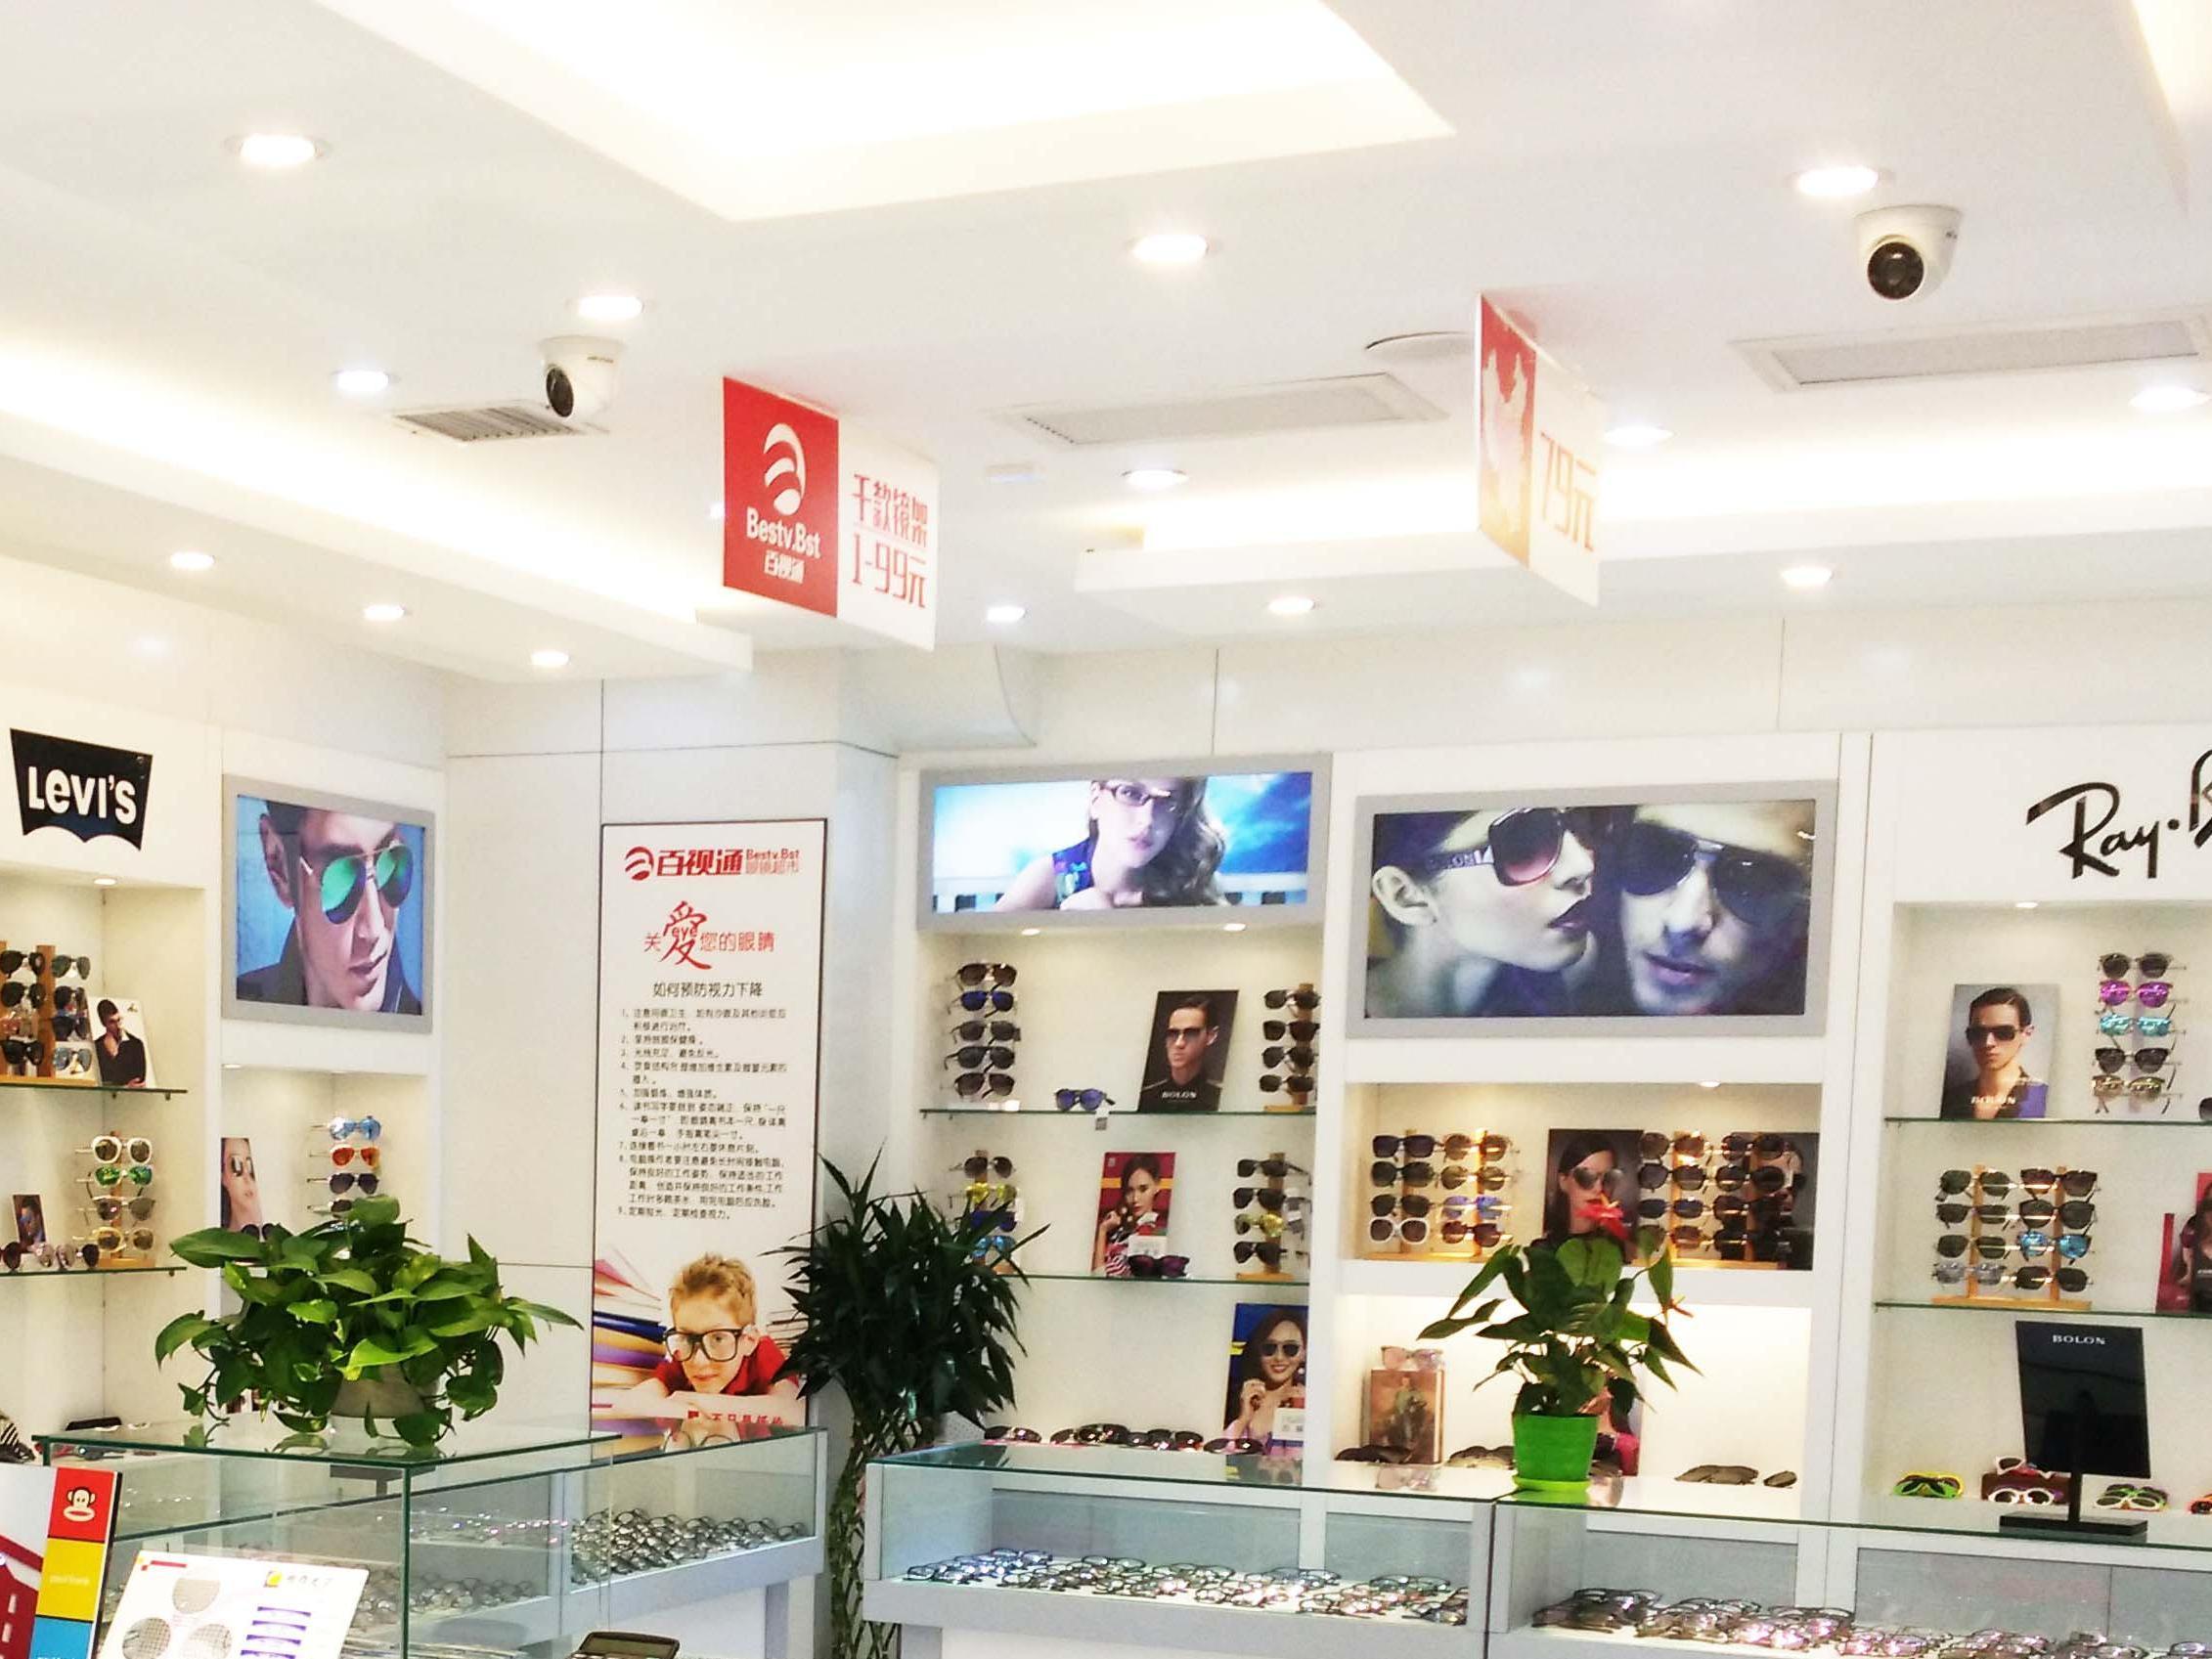 百视通眼镜超市(227韶山路店)